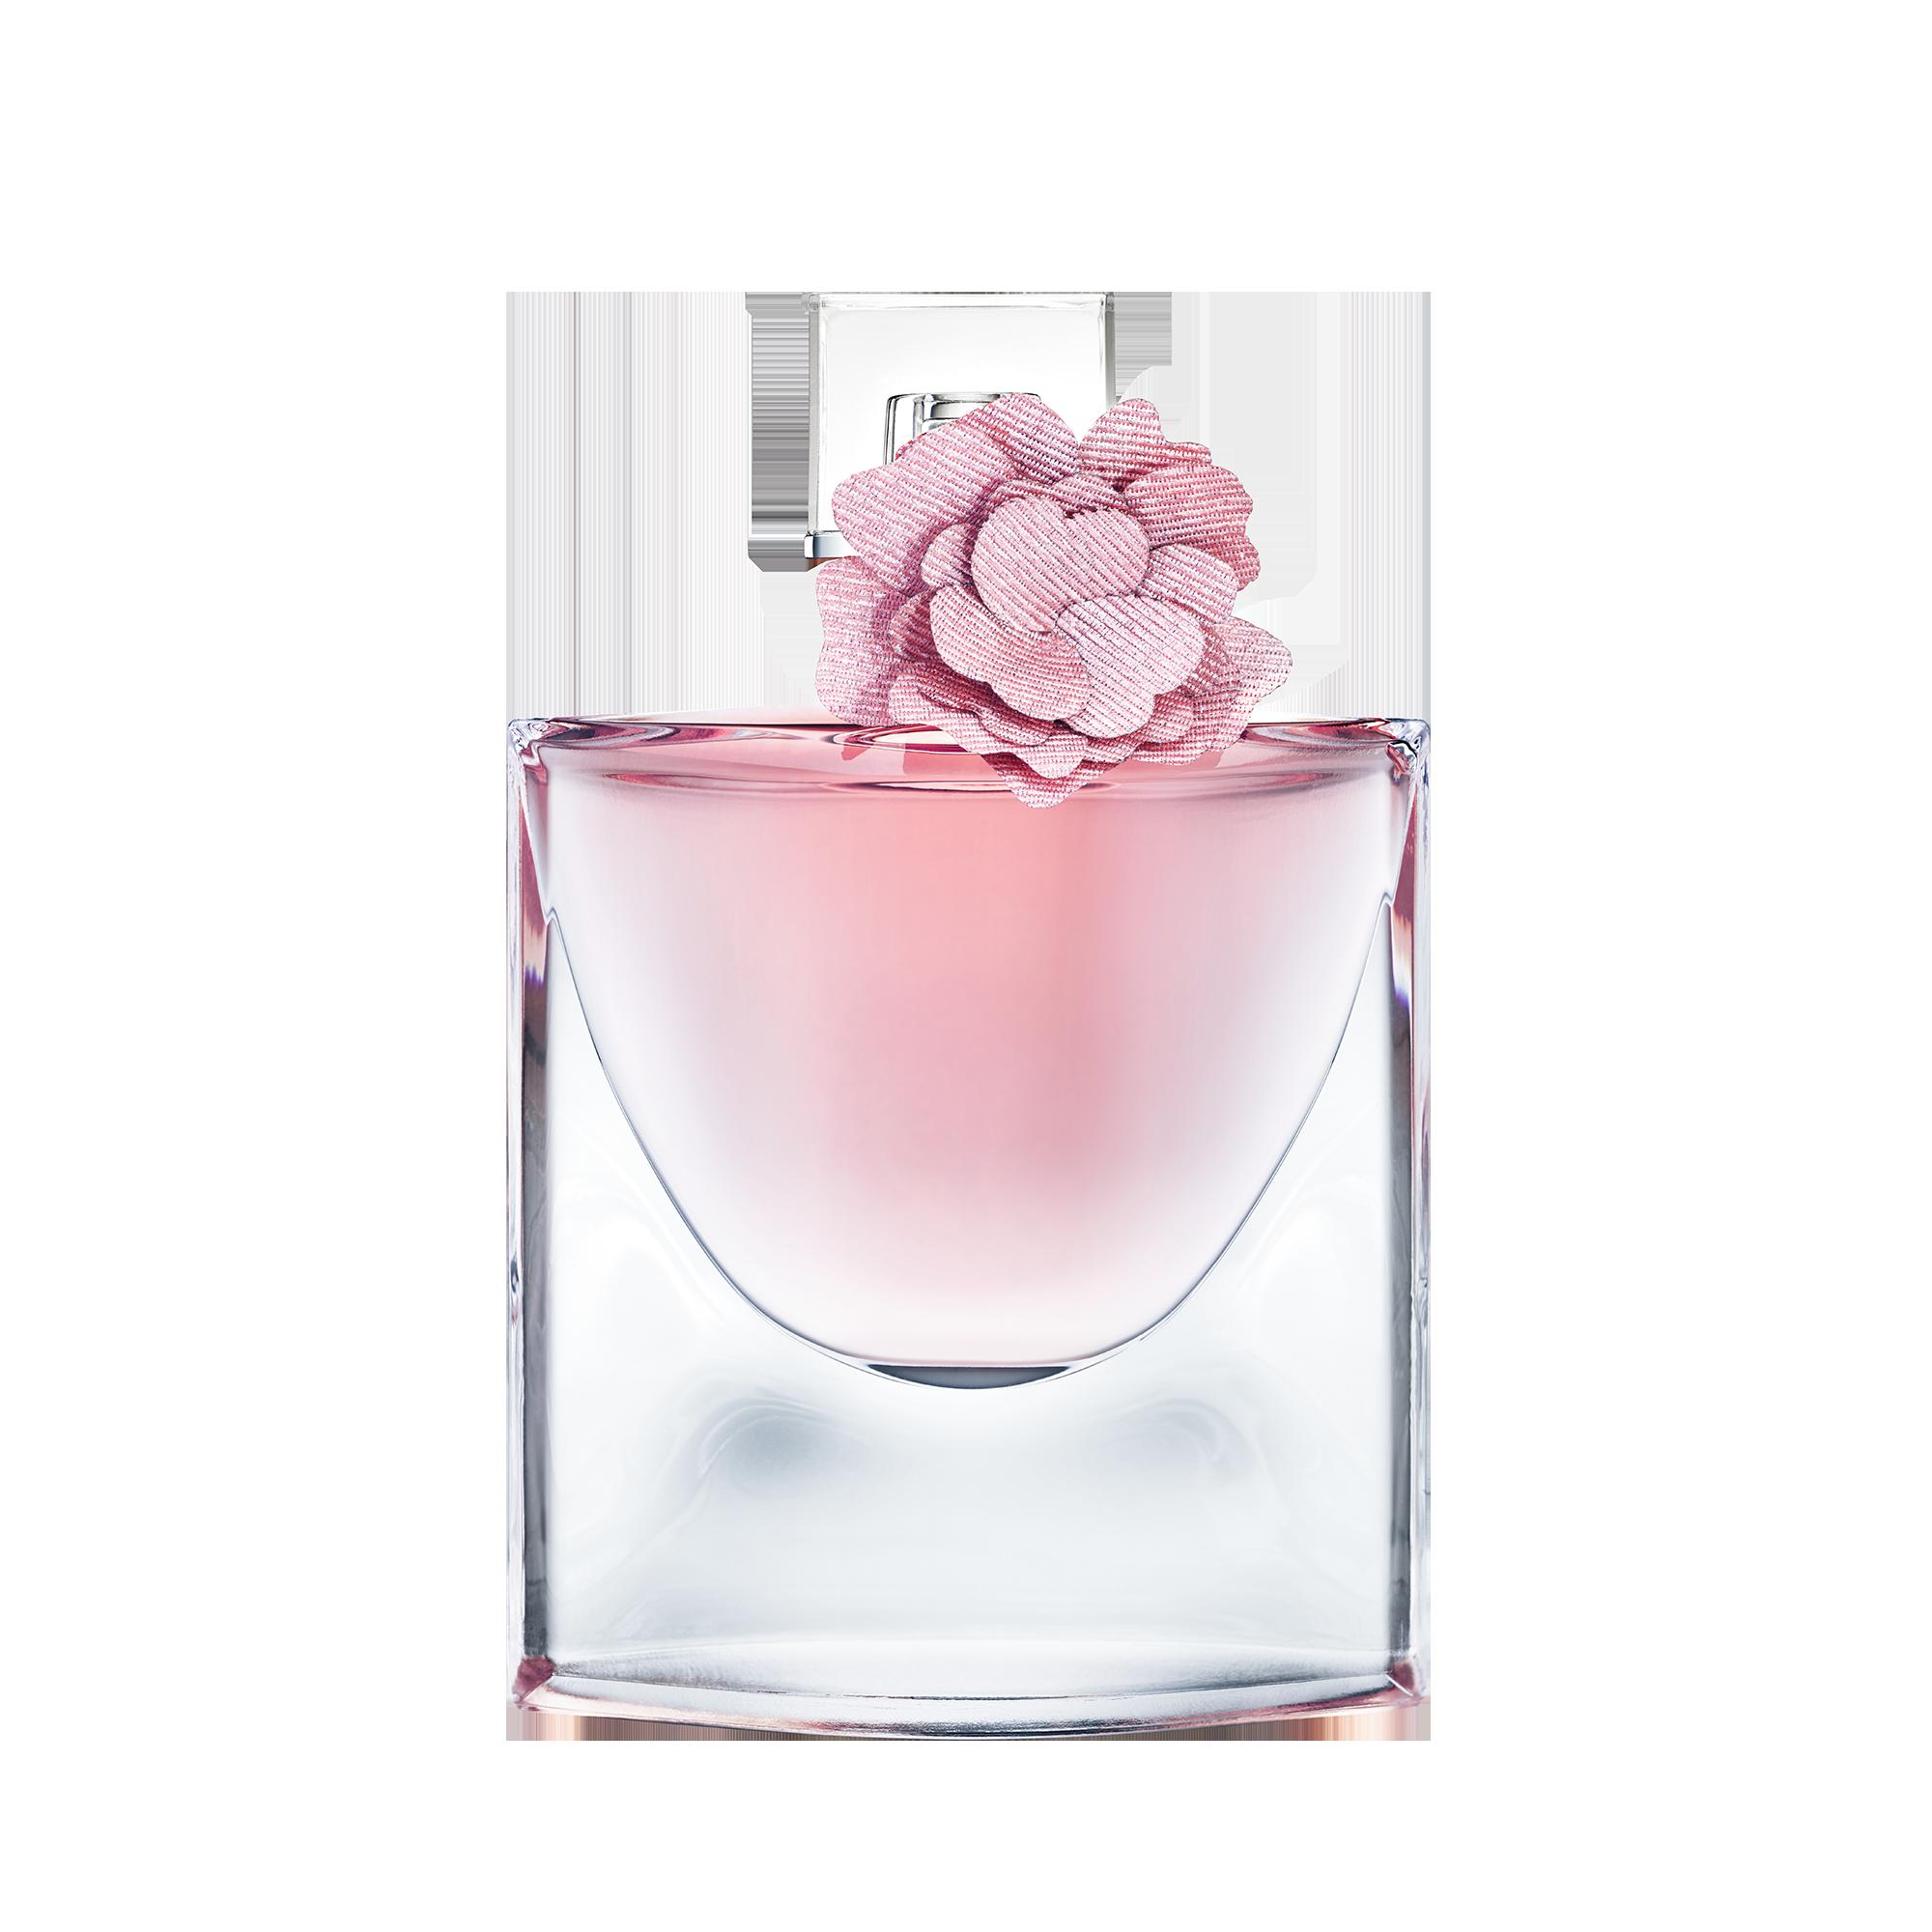 Σταγόνες ευτυχίας! La vie est Belle Eau de Parfum, Bouquet de Printemps Limited Edition!